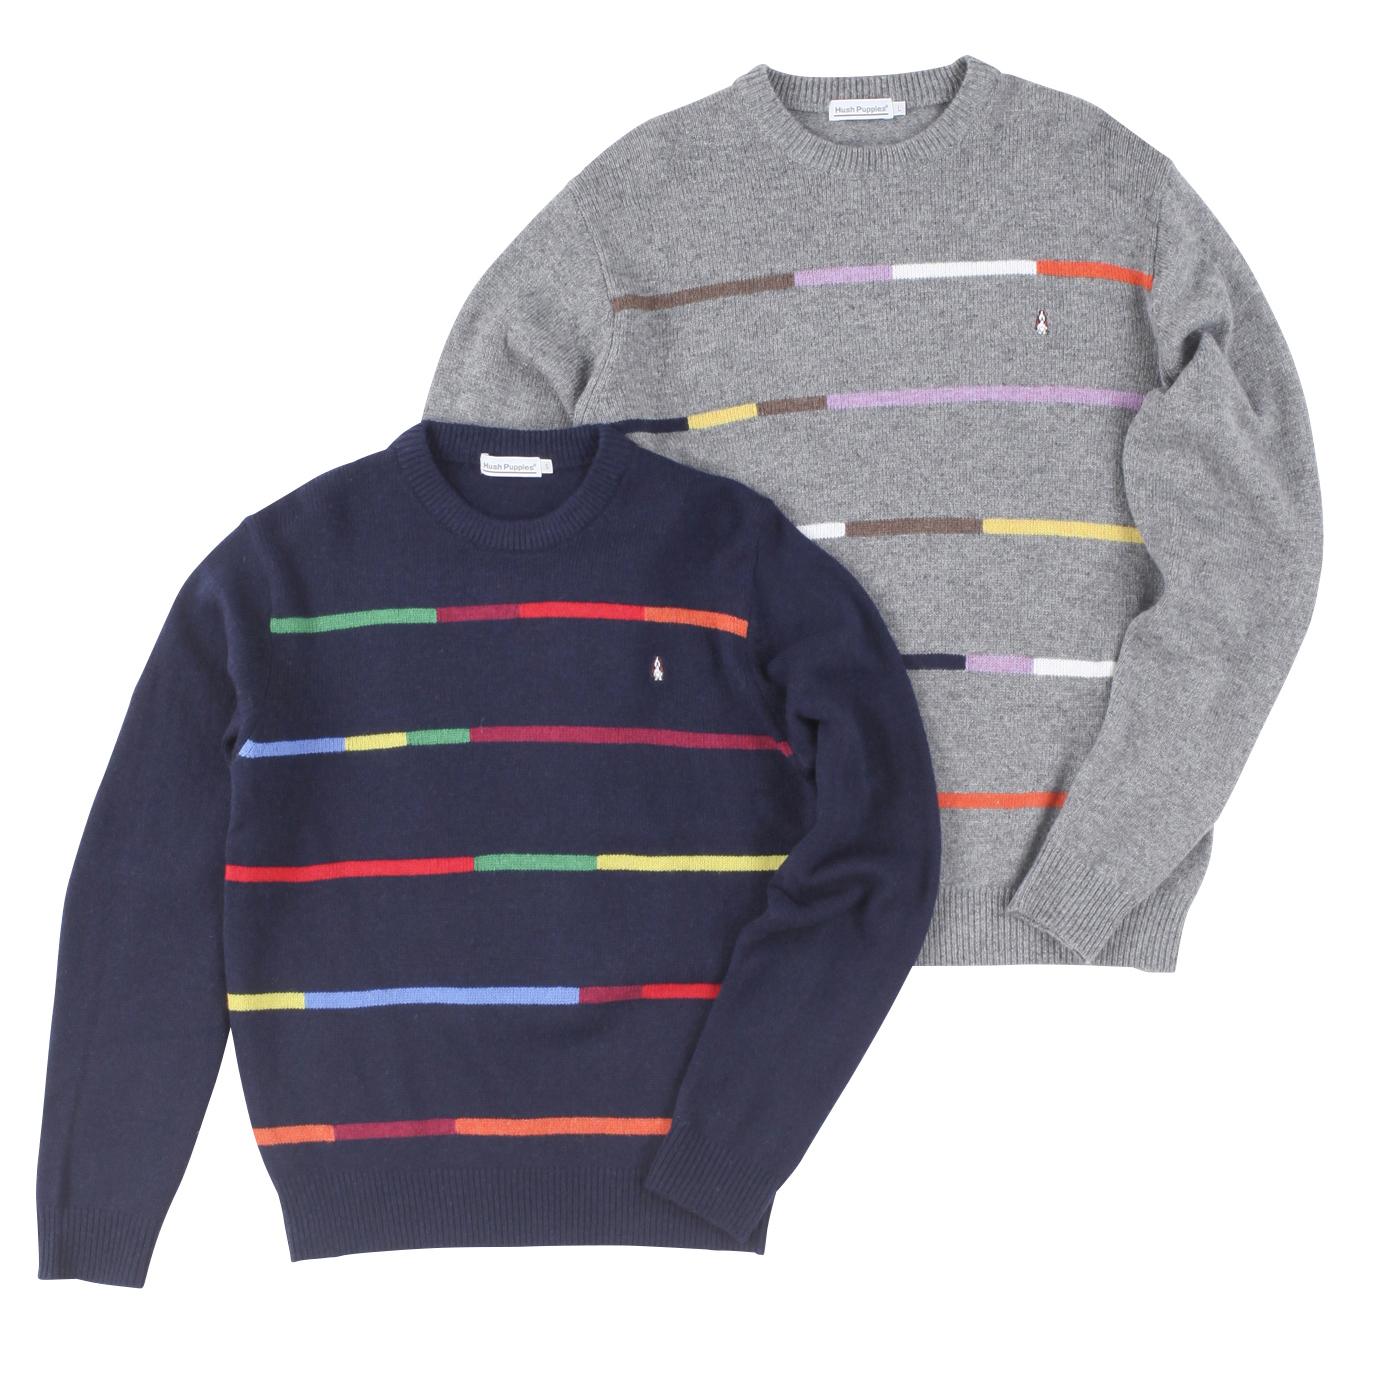 レインボーボーダークルーセーター商品画像